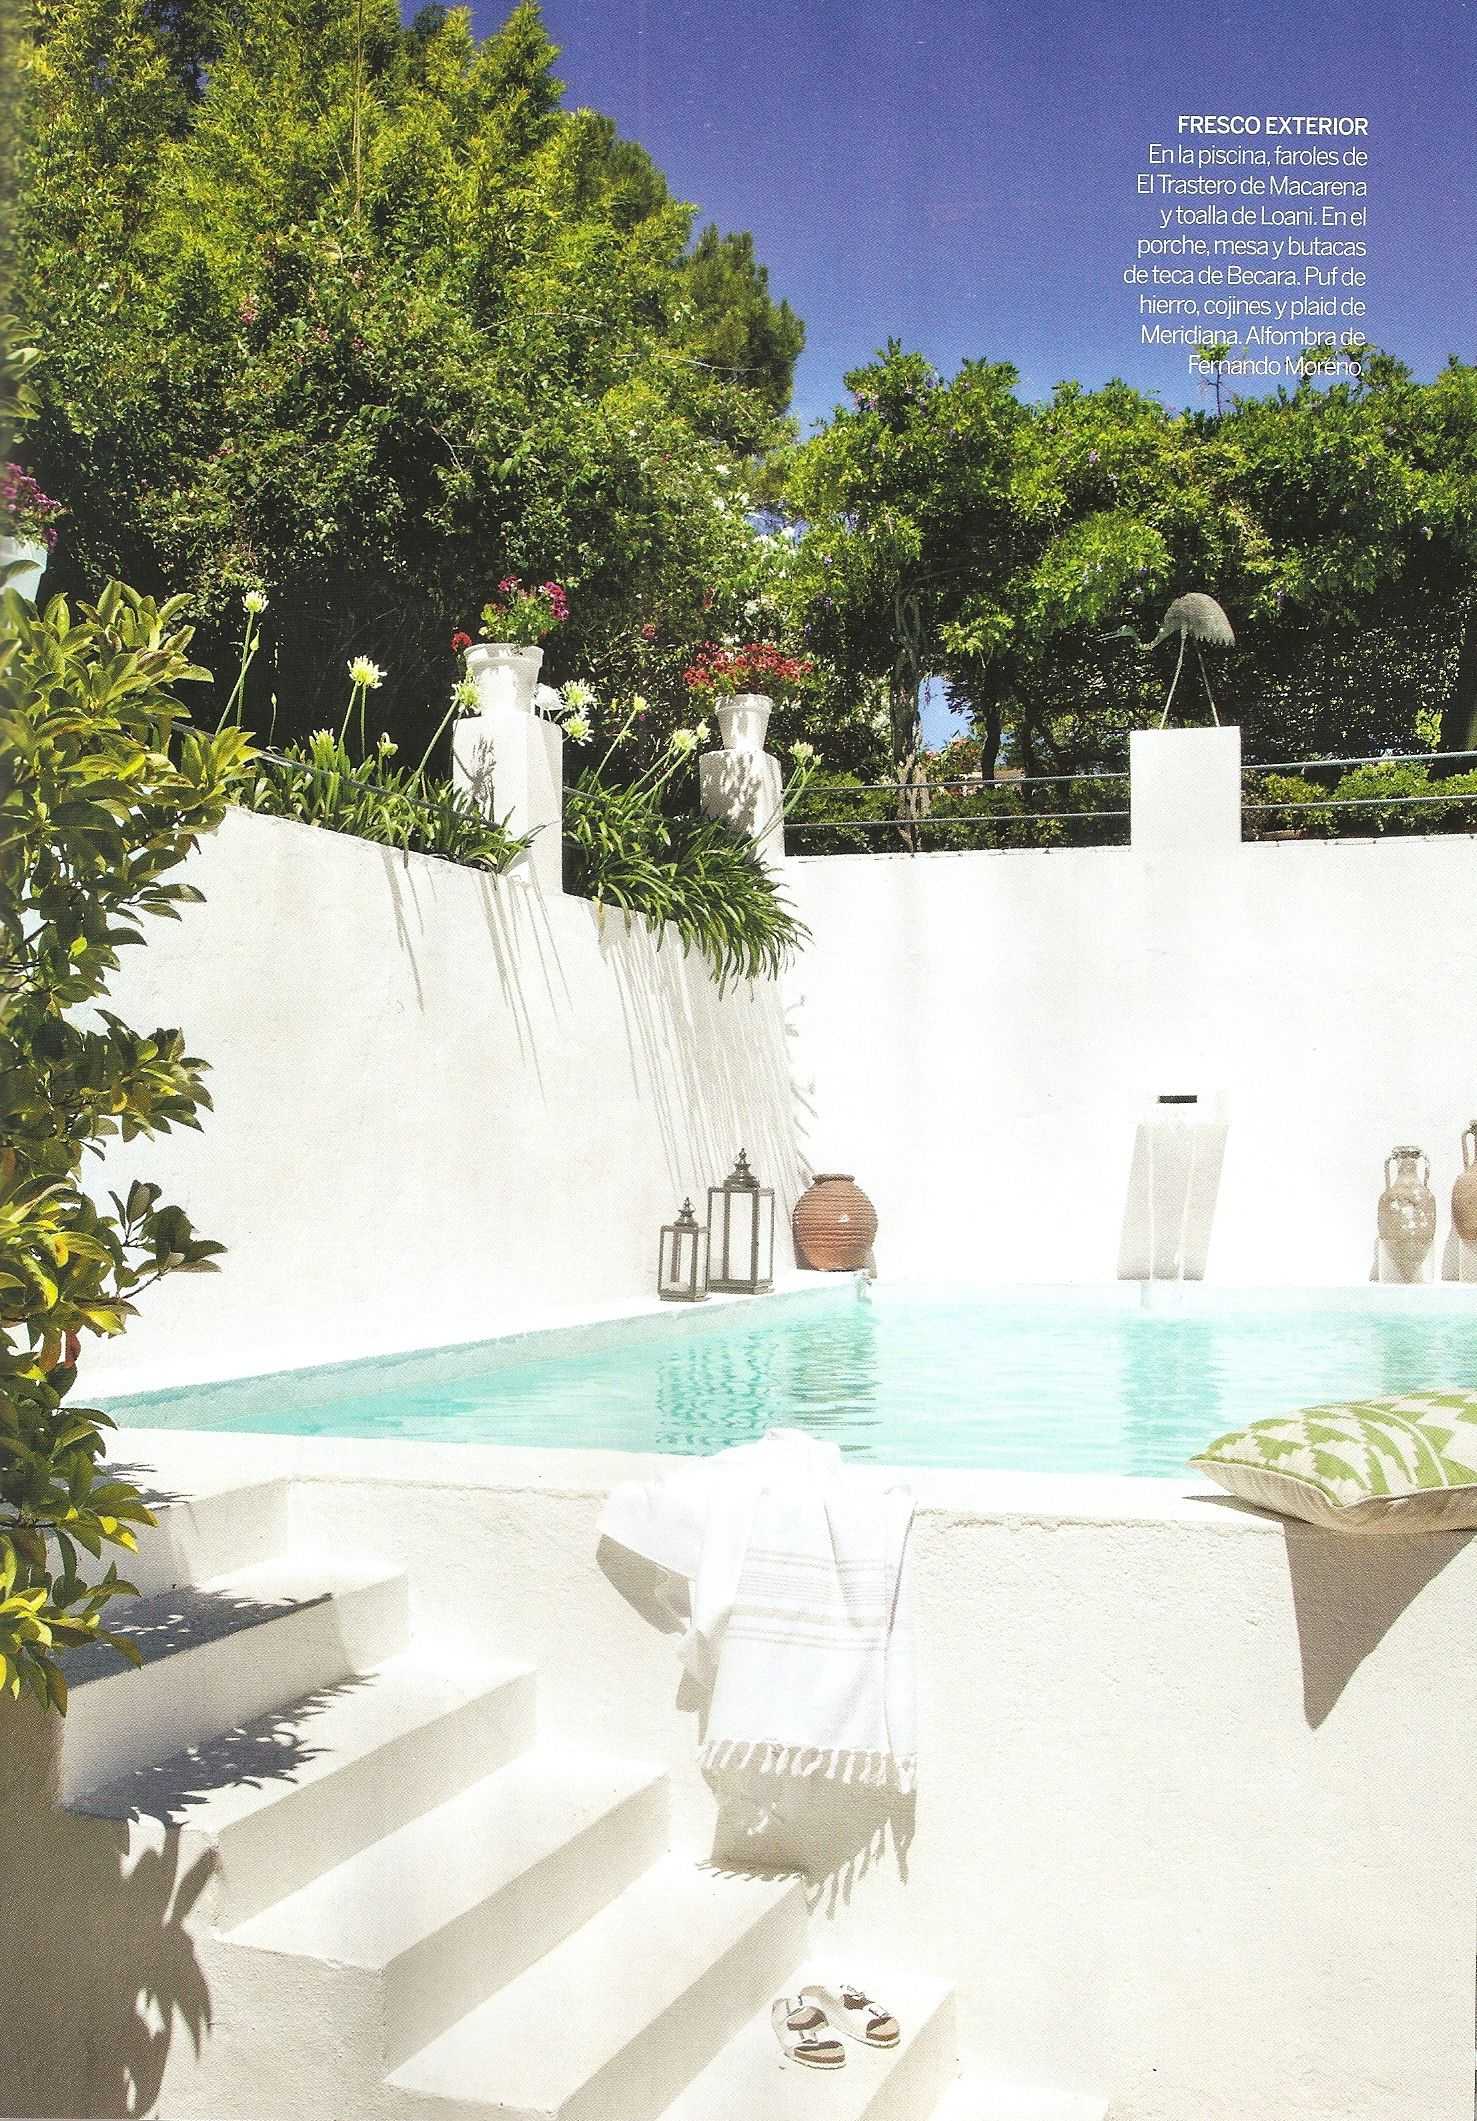 121 En Iyi Pool Görüntüsü | Yüzme Havuzları, Mimari Ve Evler intérieur Location Maison Portugal Piscine